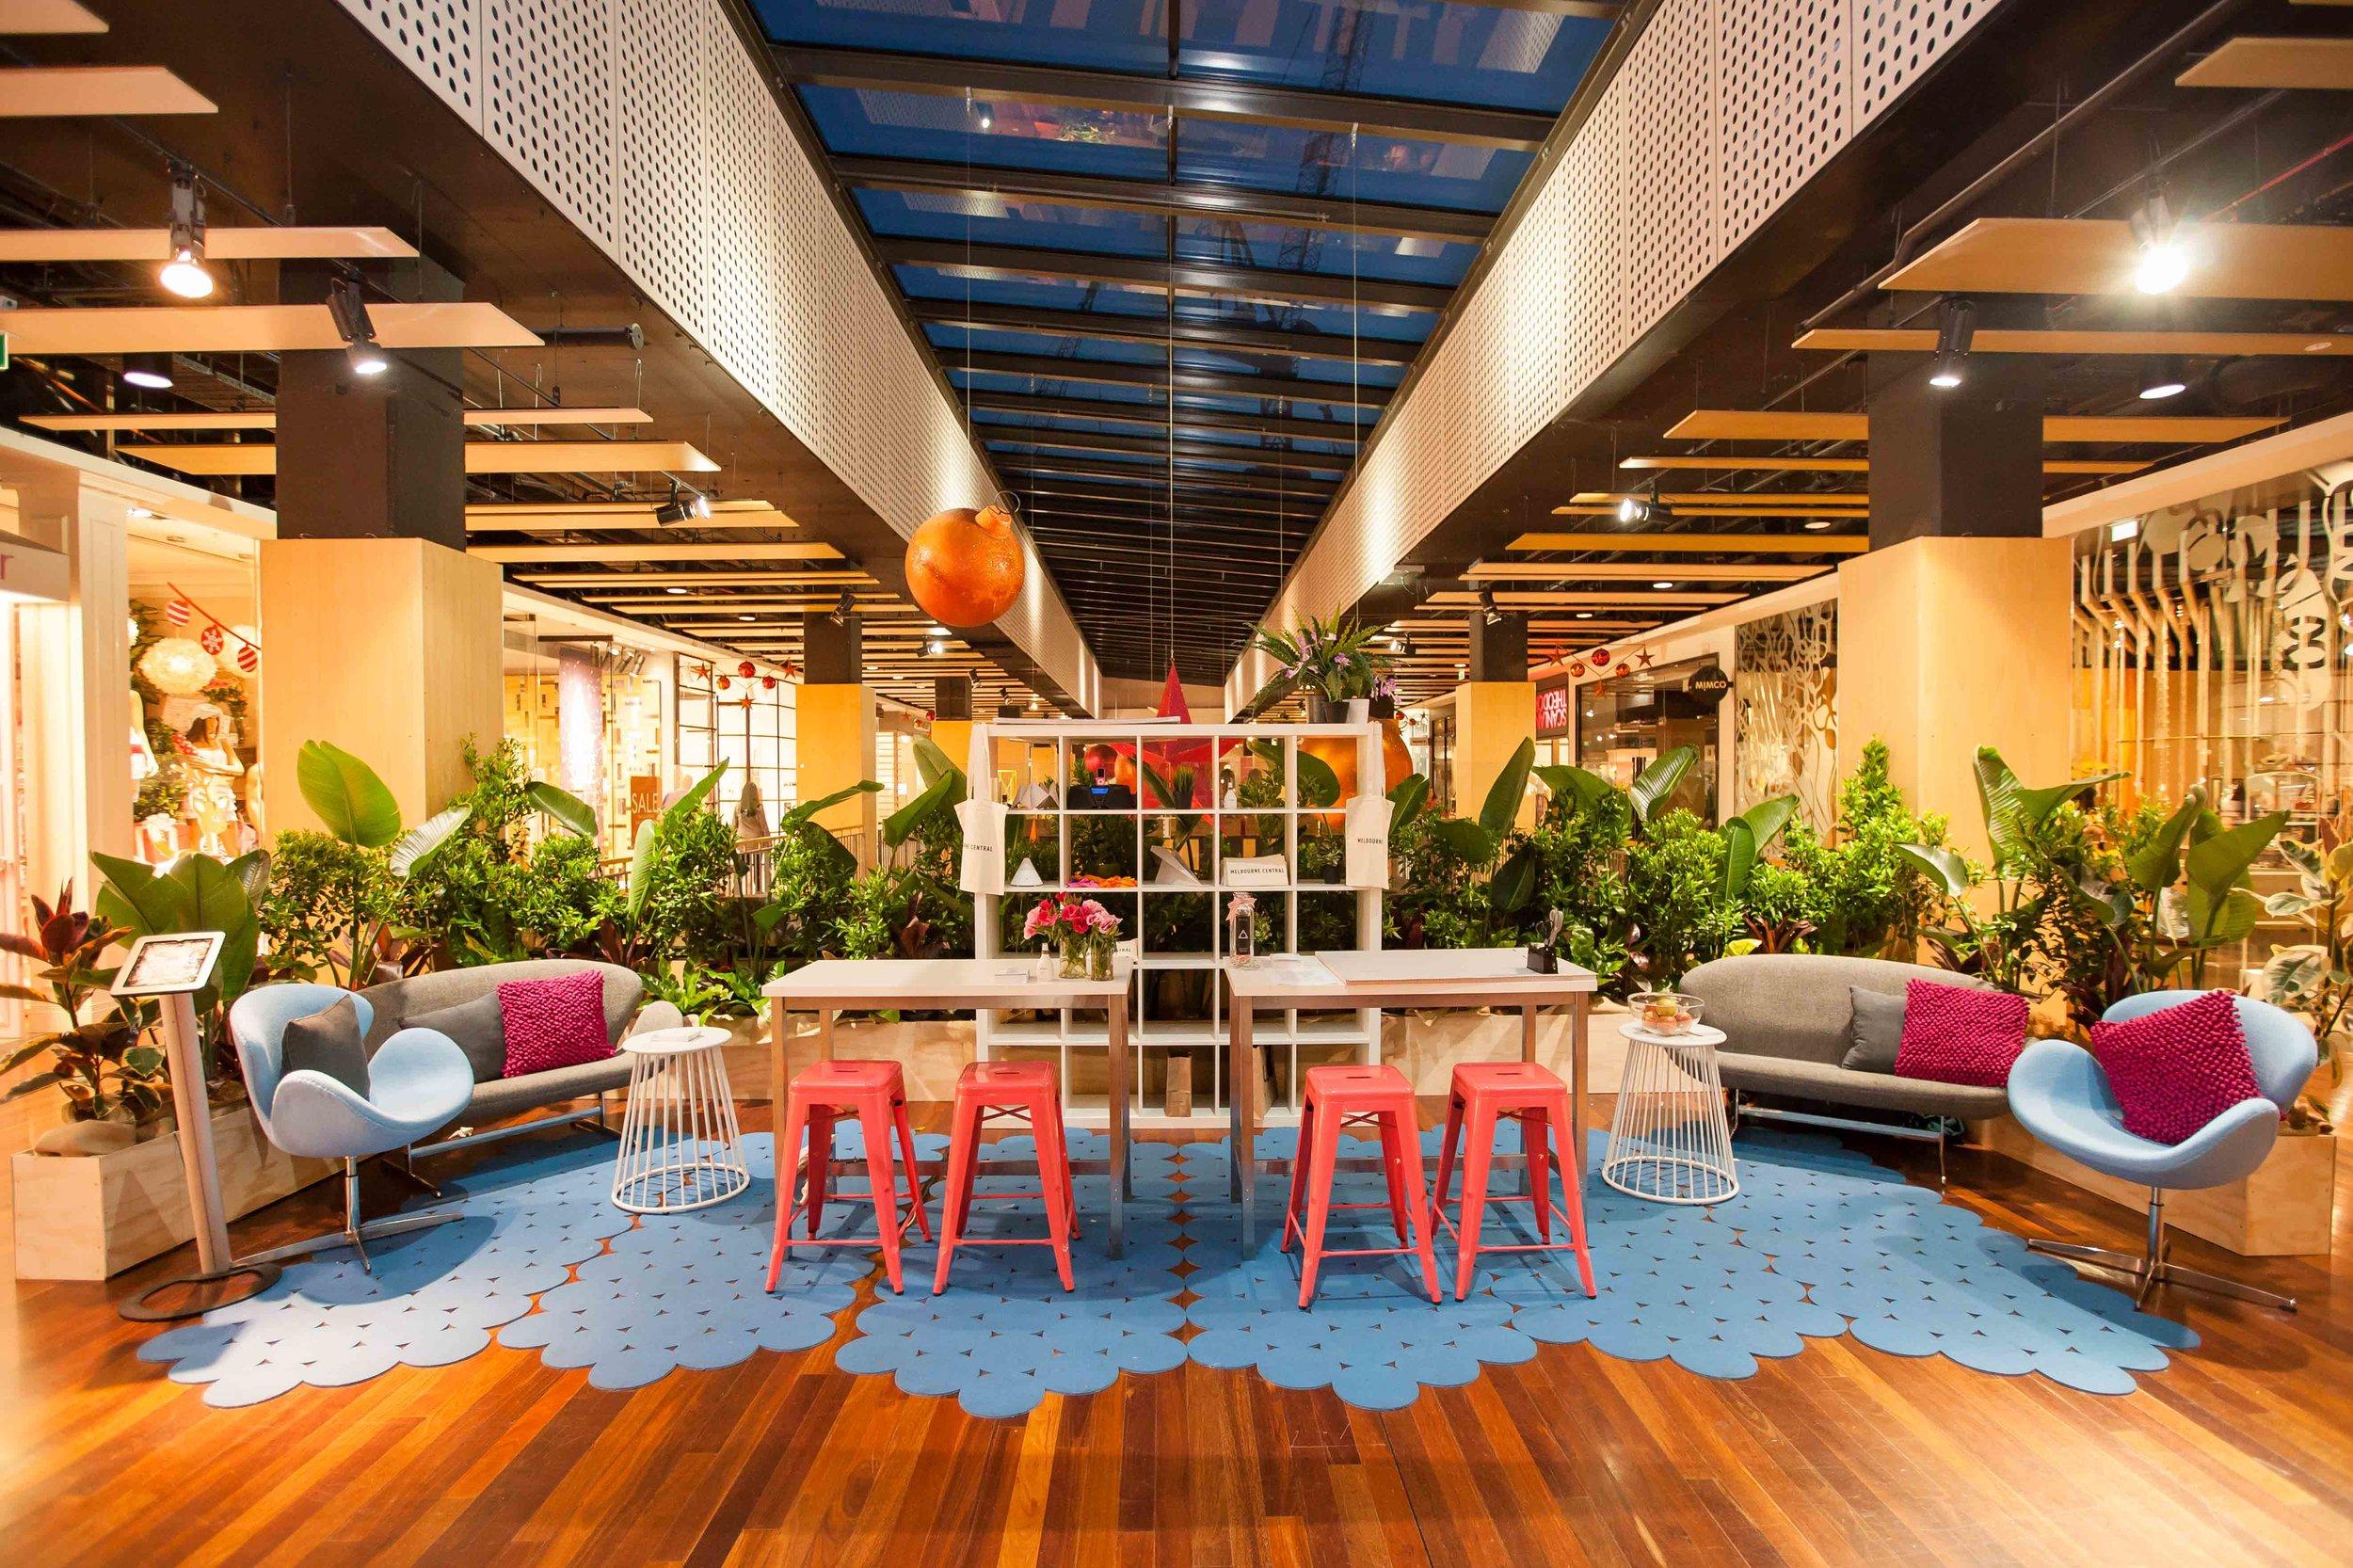 Melbourne Central Destressmas hub